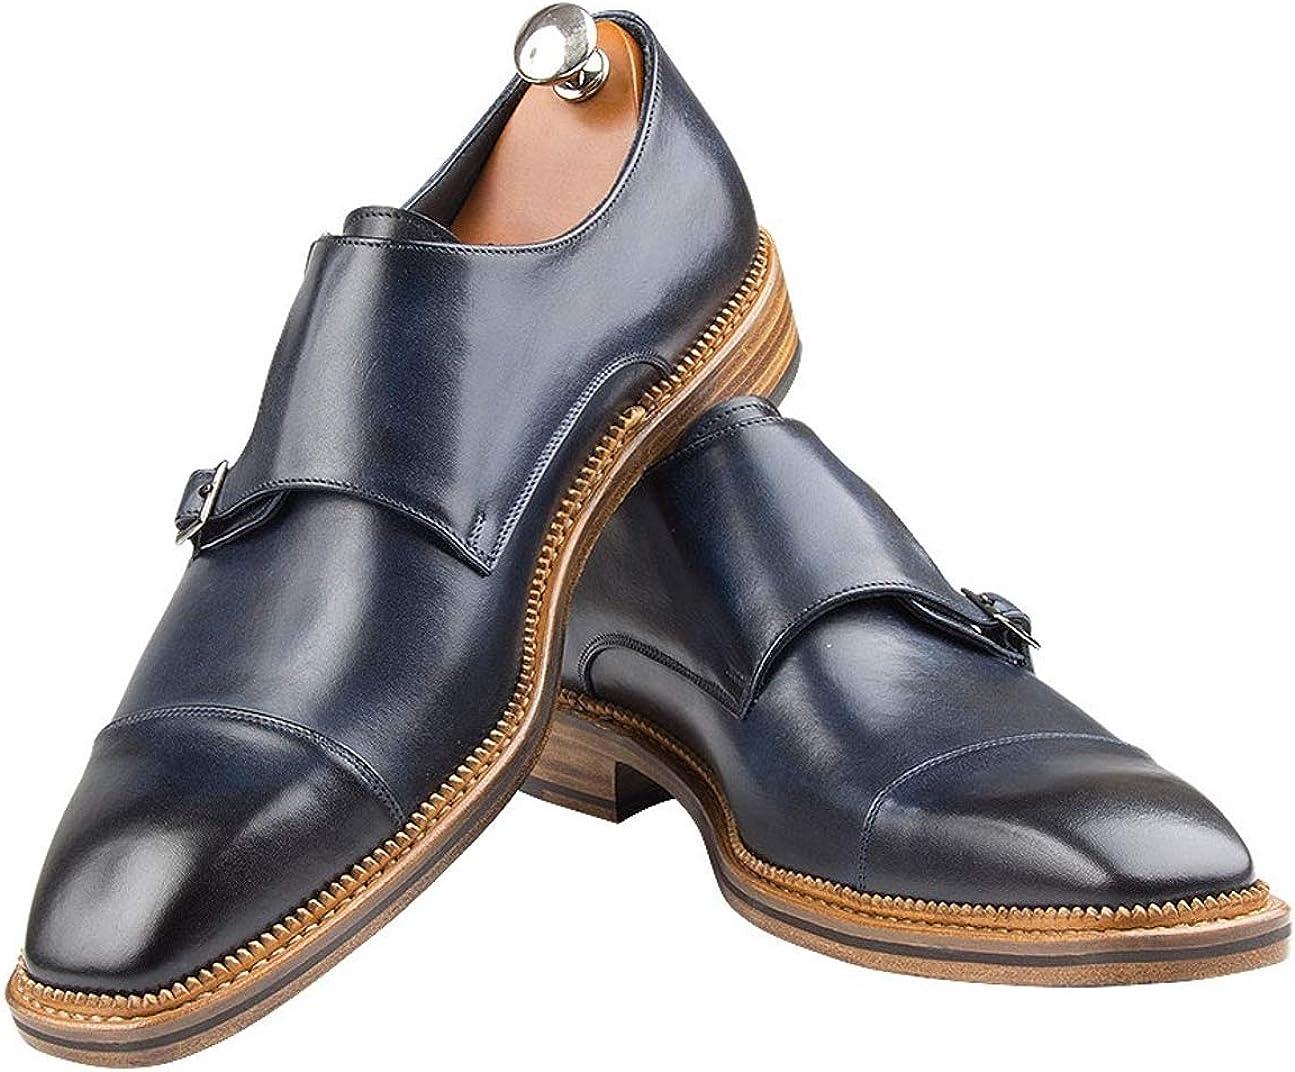 Handmade Italian Men's Shoes Monk Blake